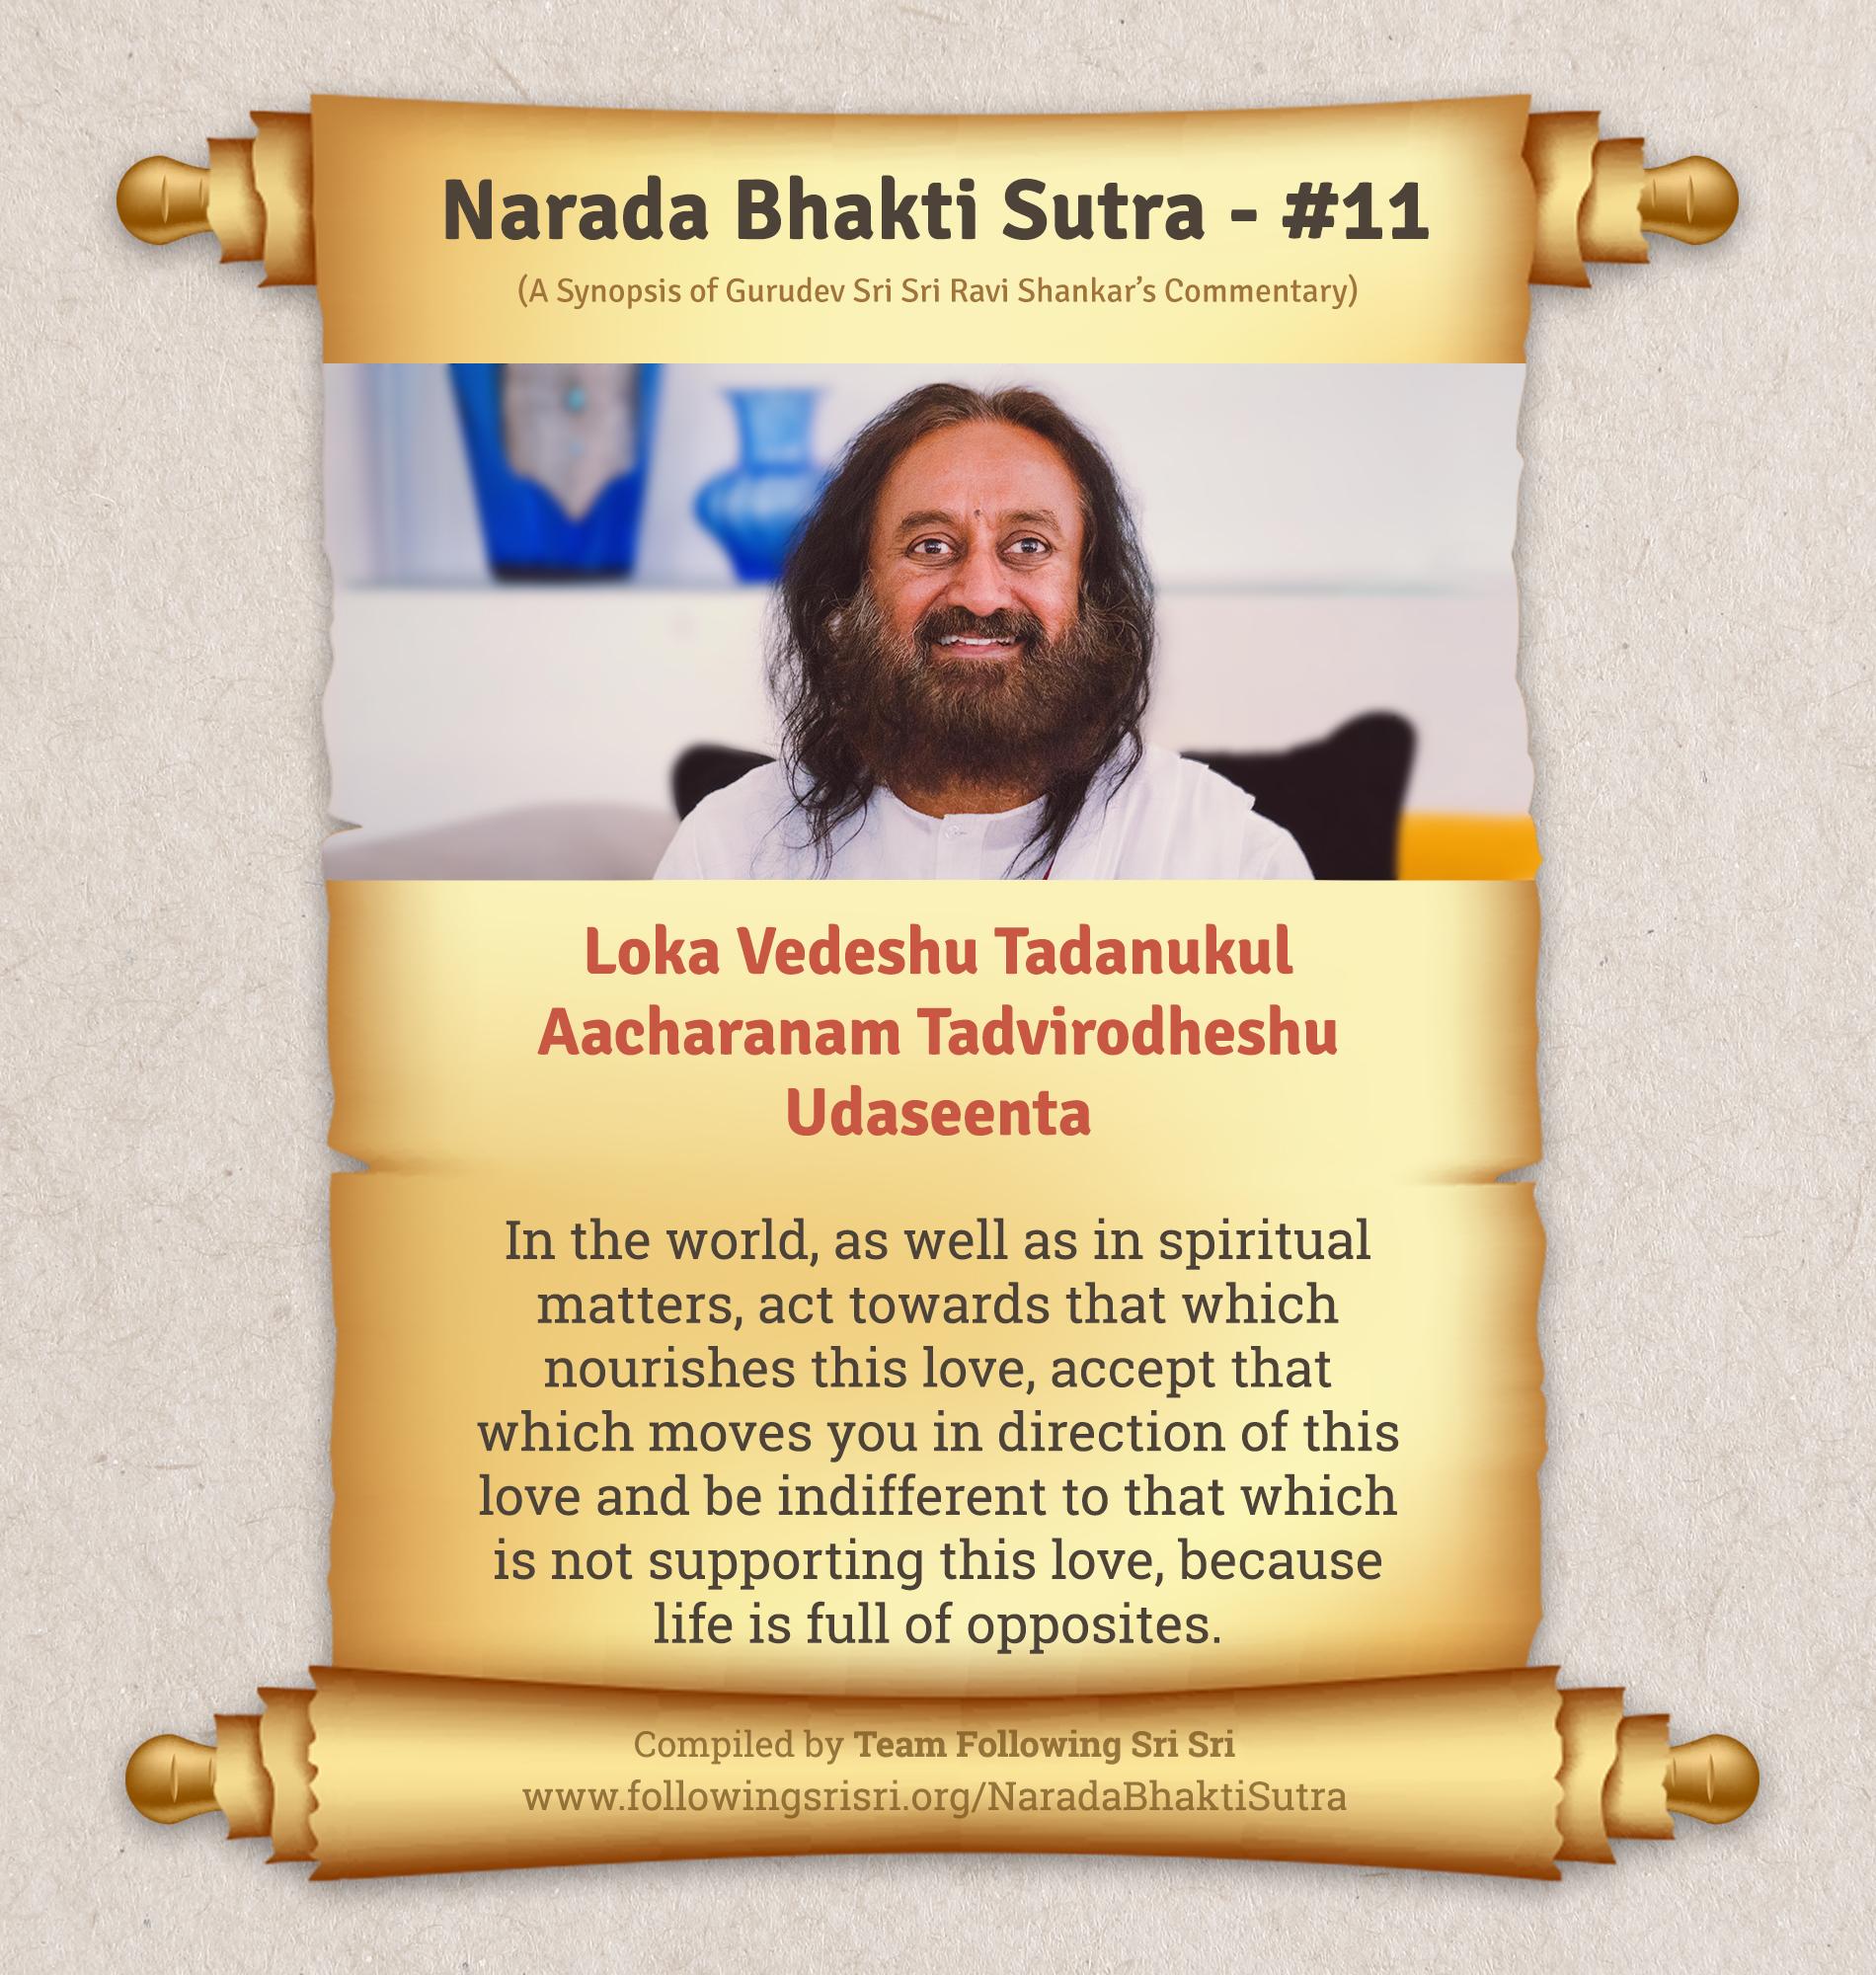 Narada Bhakti Sutras - Sutra 11